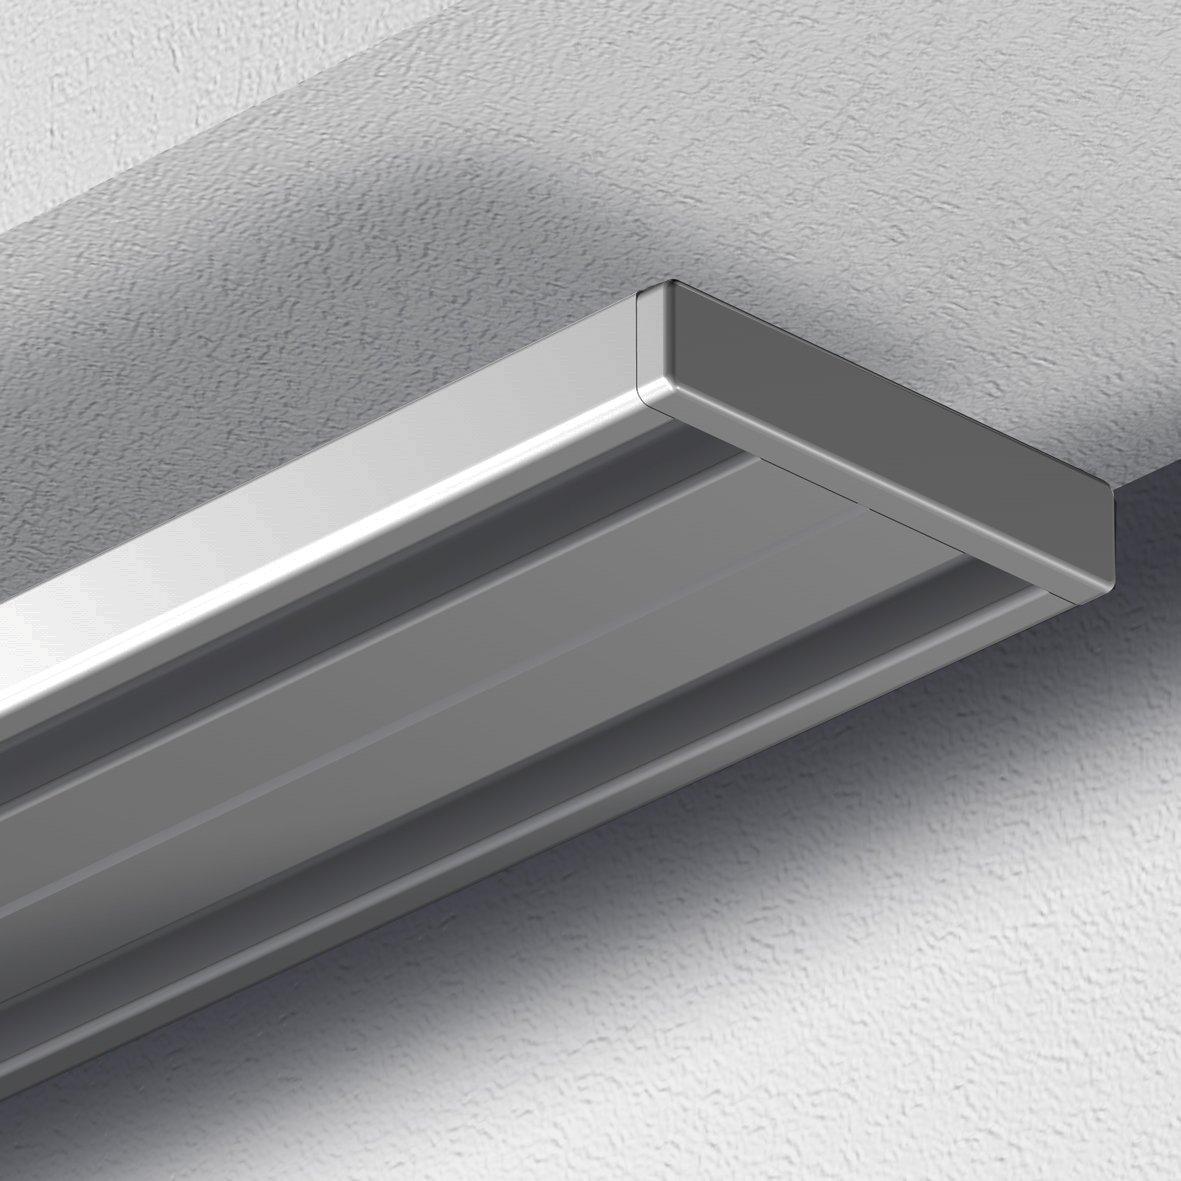 Top Amazon.de: GARDUNA 450cm Gardinenschiene Vorhangschiene, Aluminium  FF11